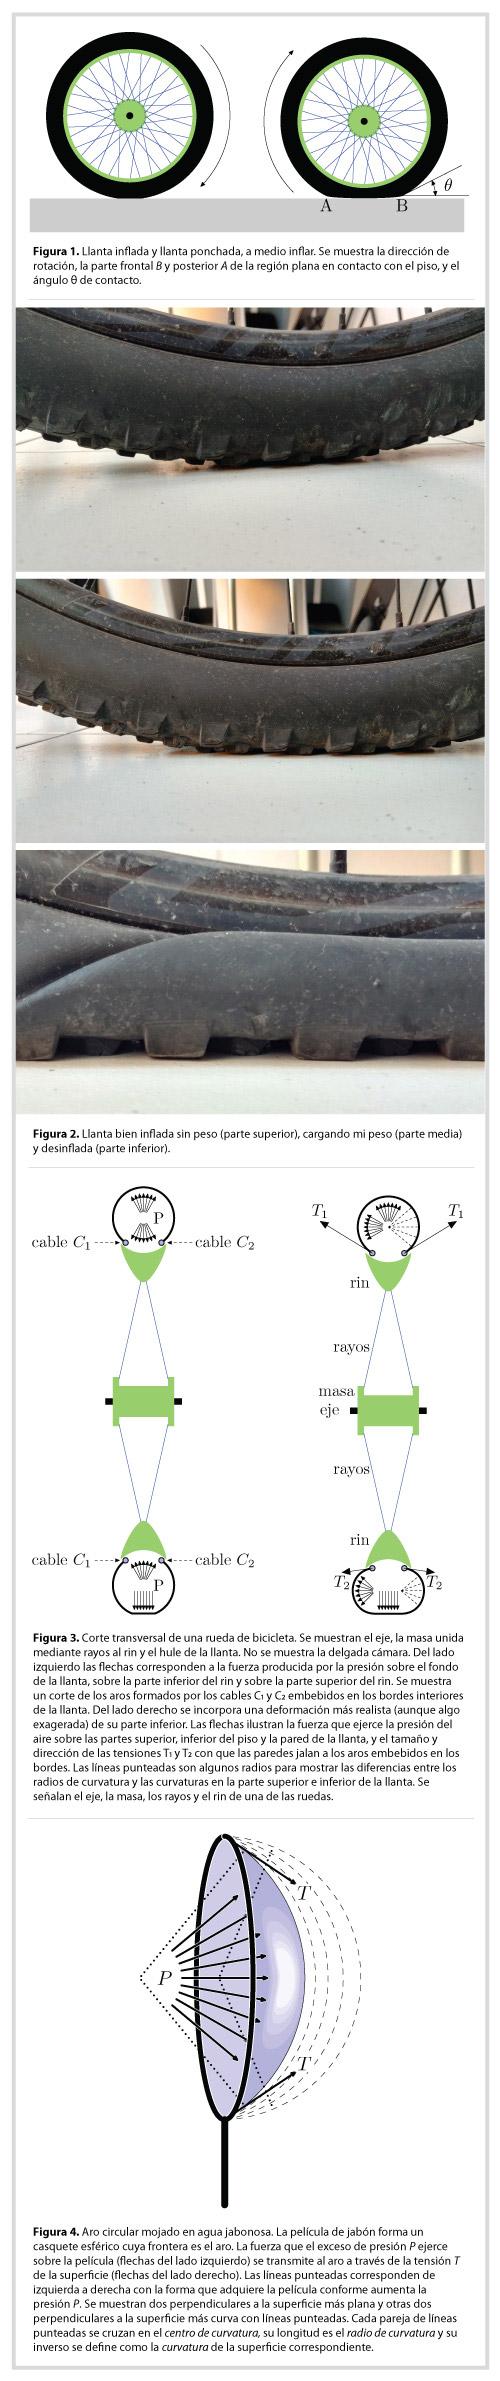 http://www.acmor.org.mx/?q=la-ciencia-de-morelos-para-el-mundo